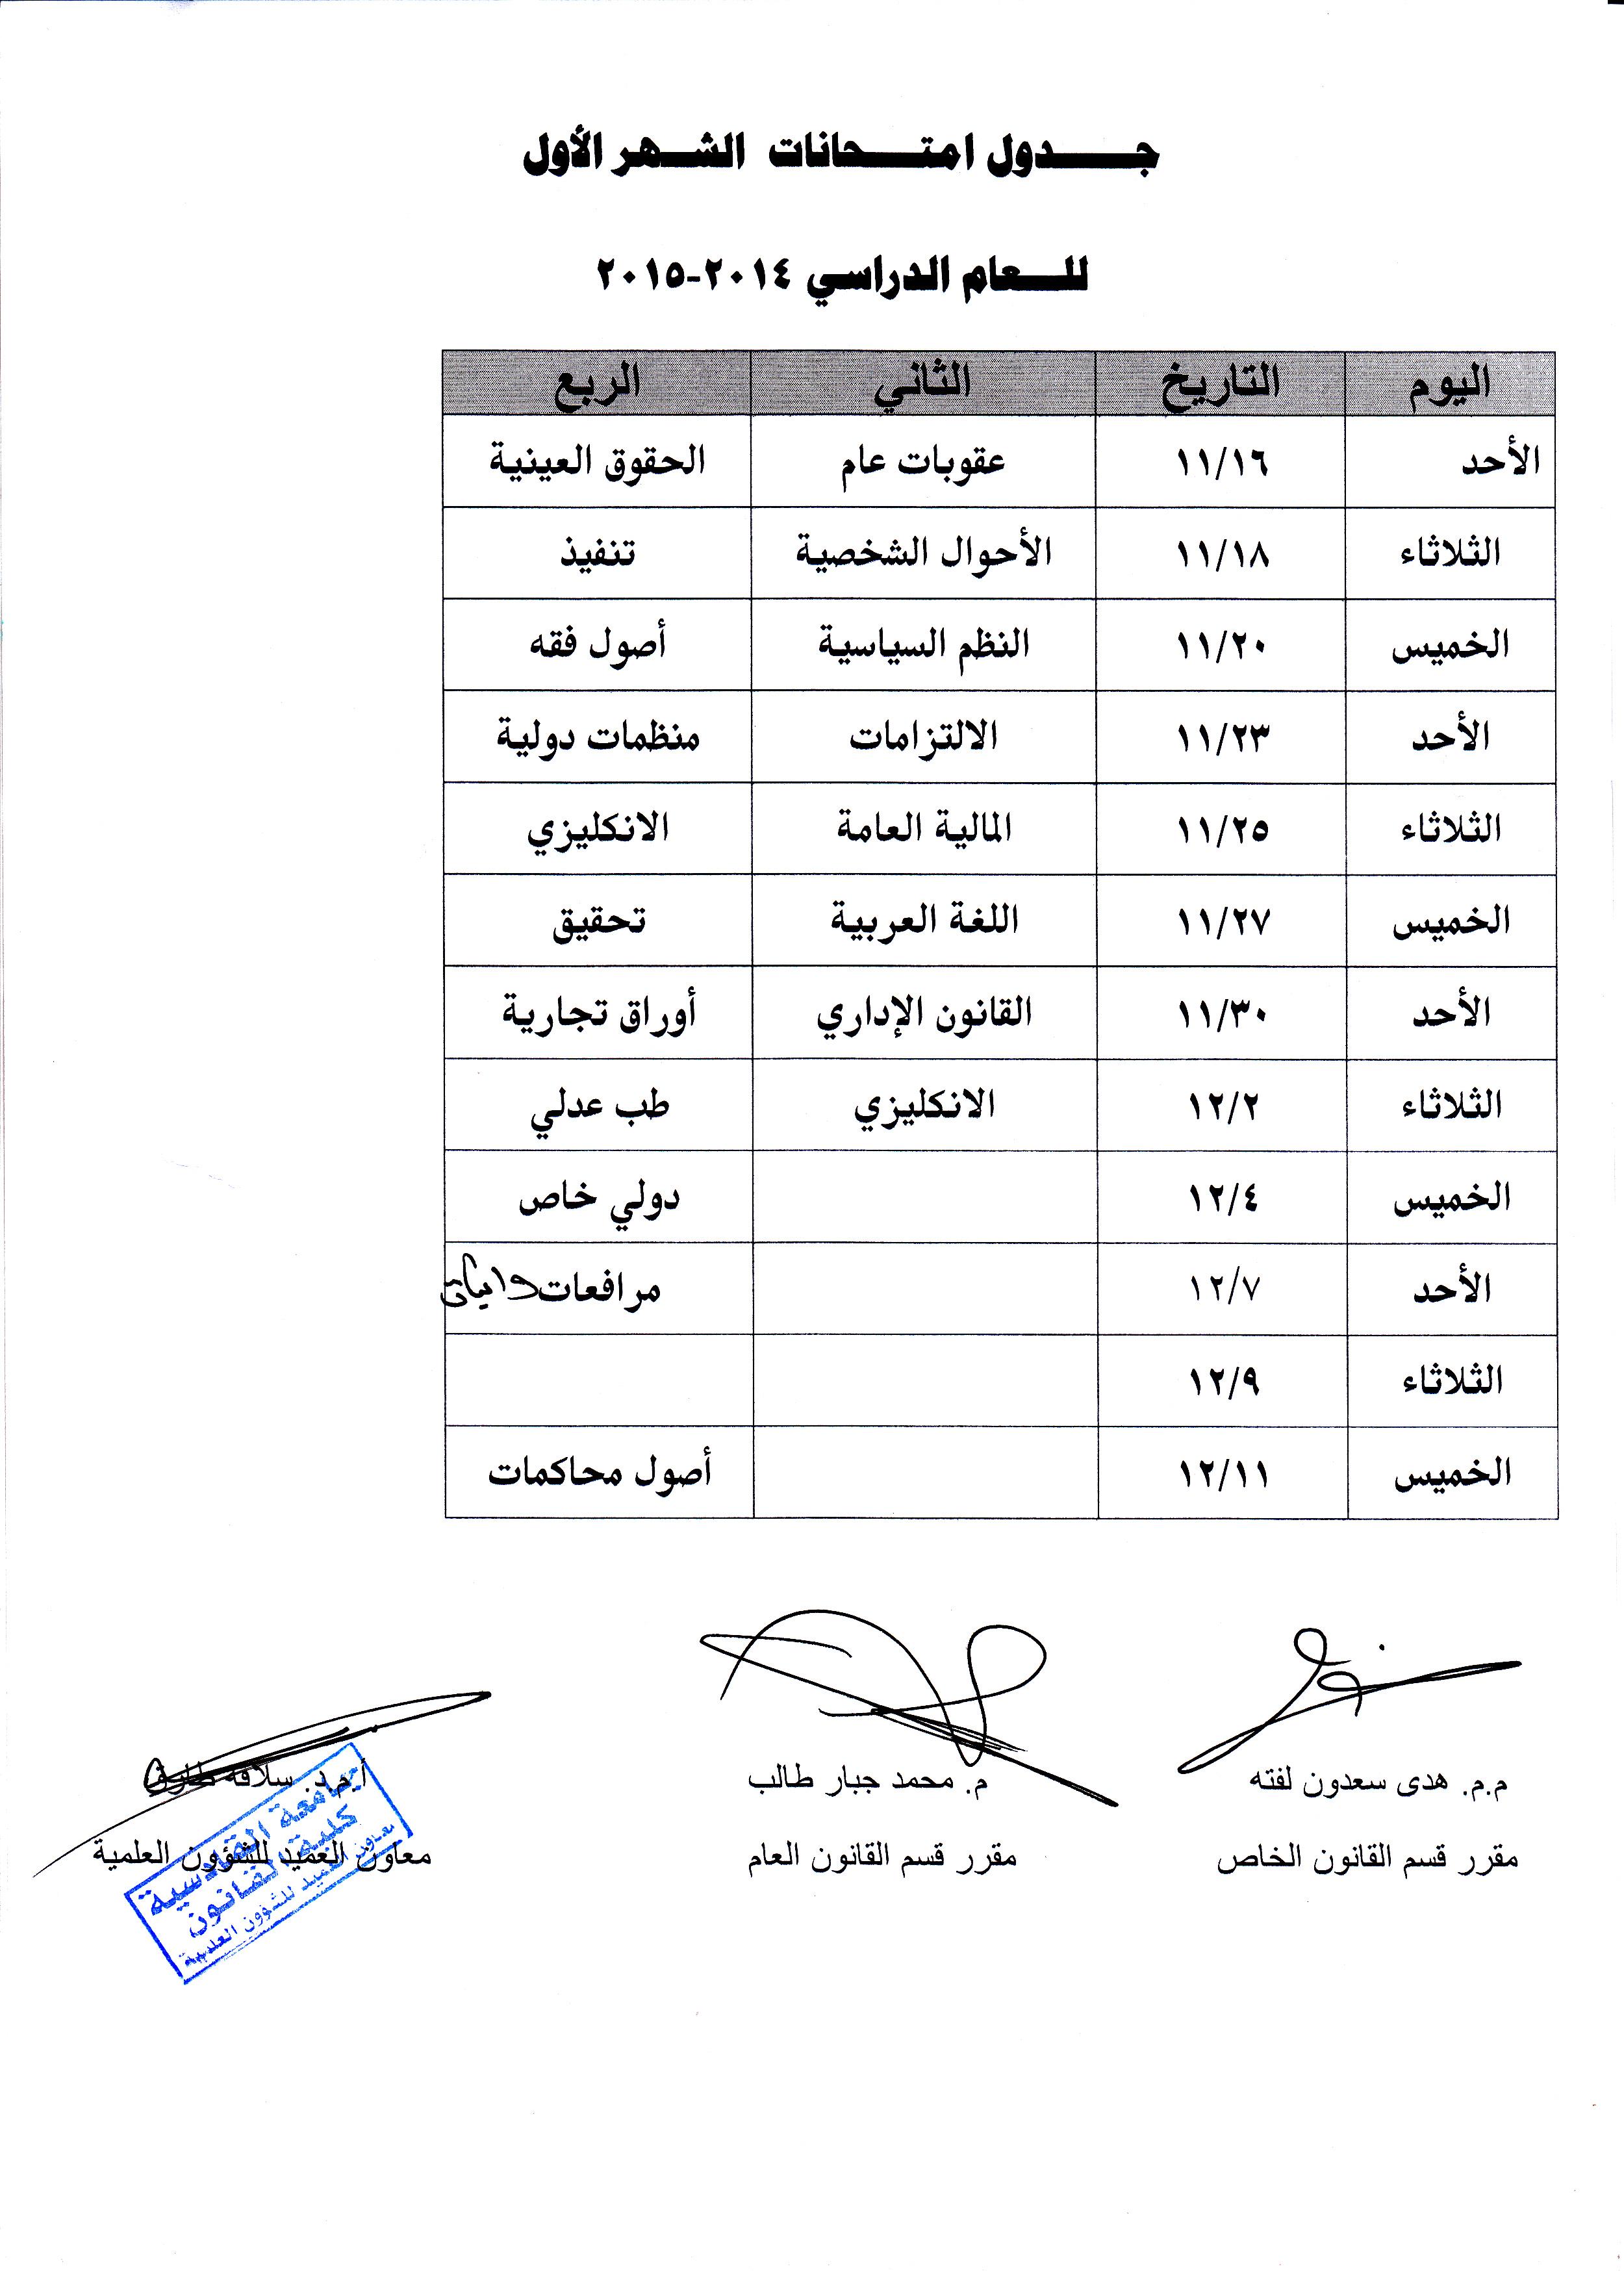 جدول امتحانات الشهر الأول للعام الدراسي 2015/2014